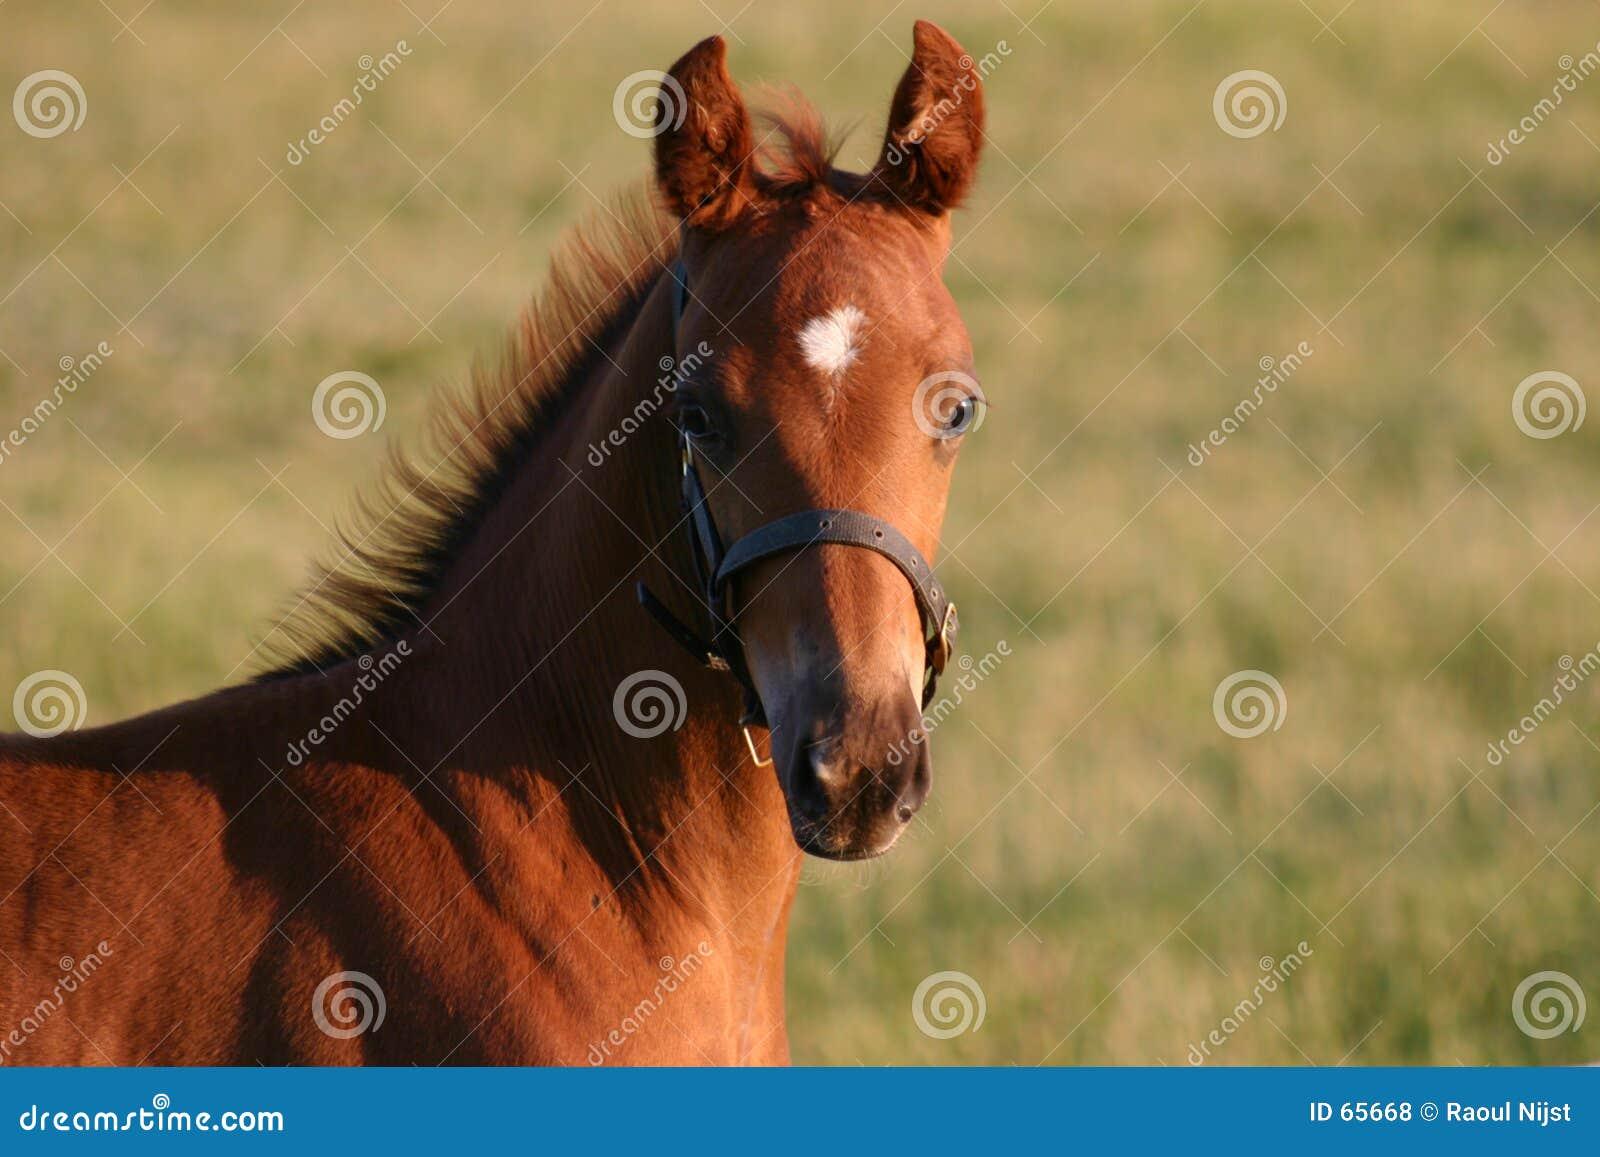 Foal Raoul